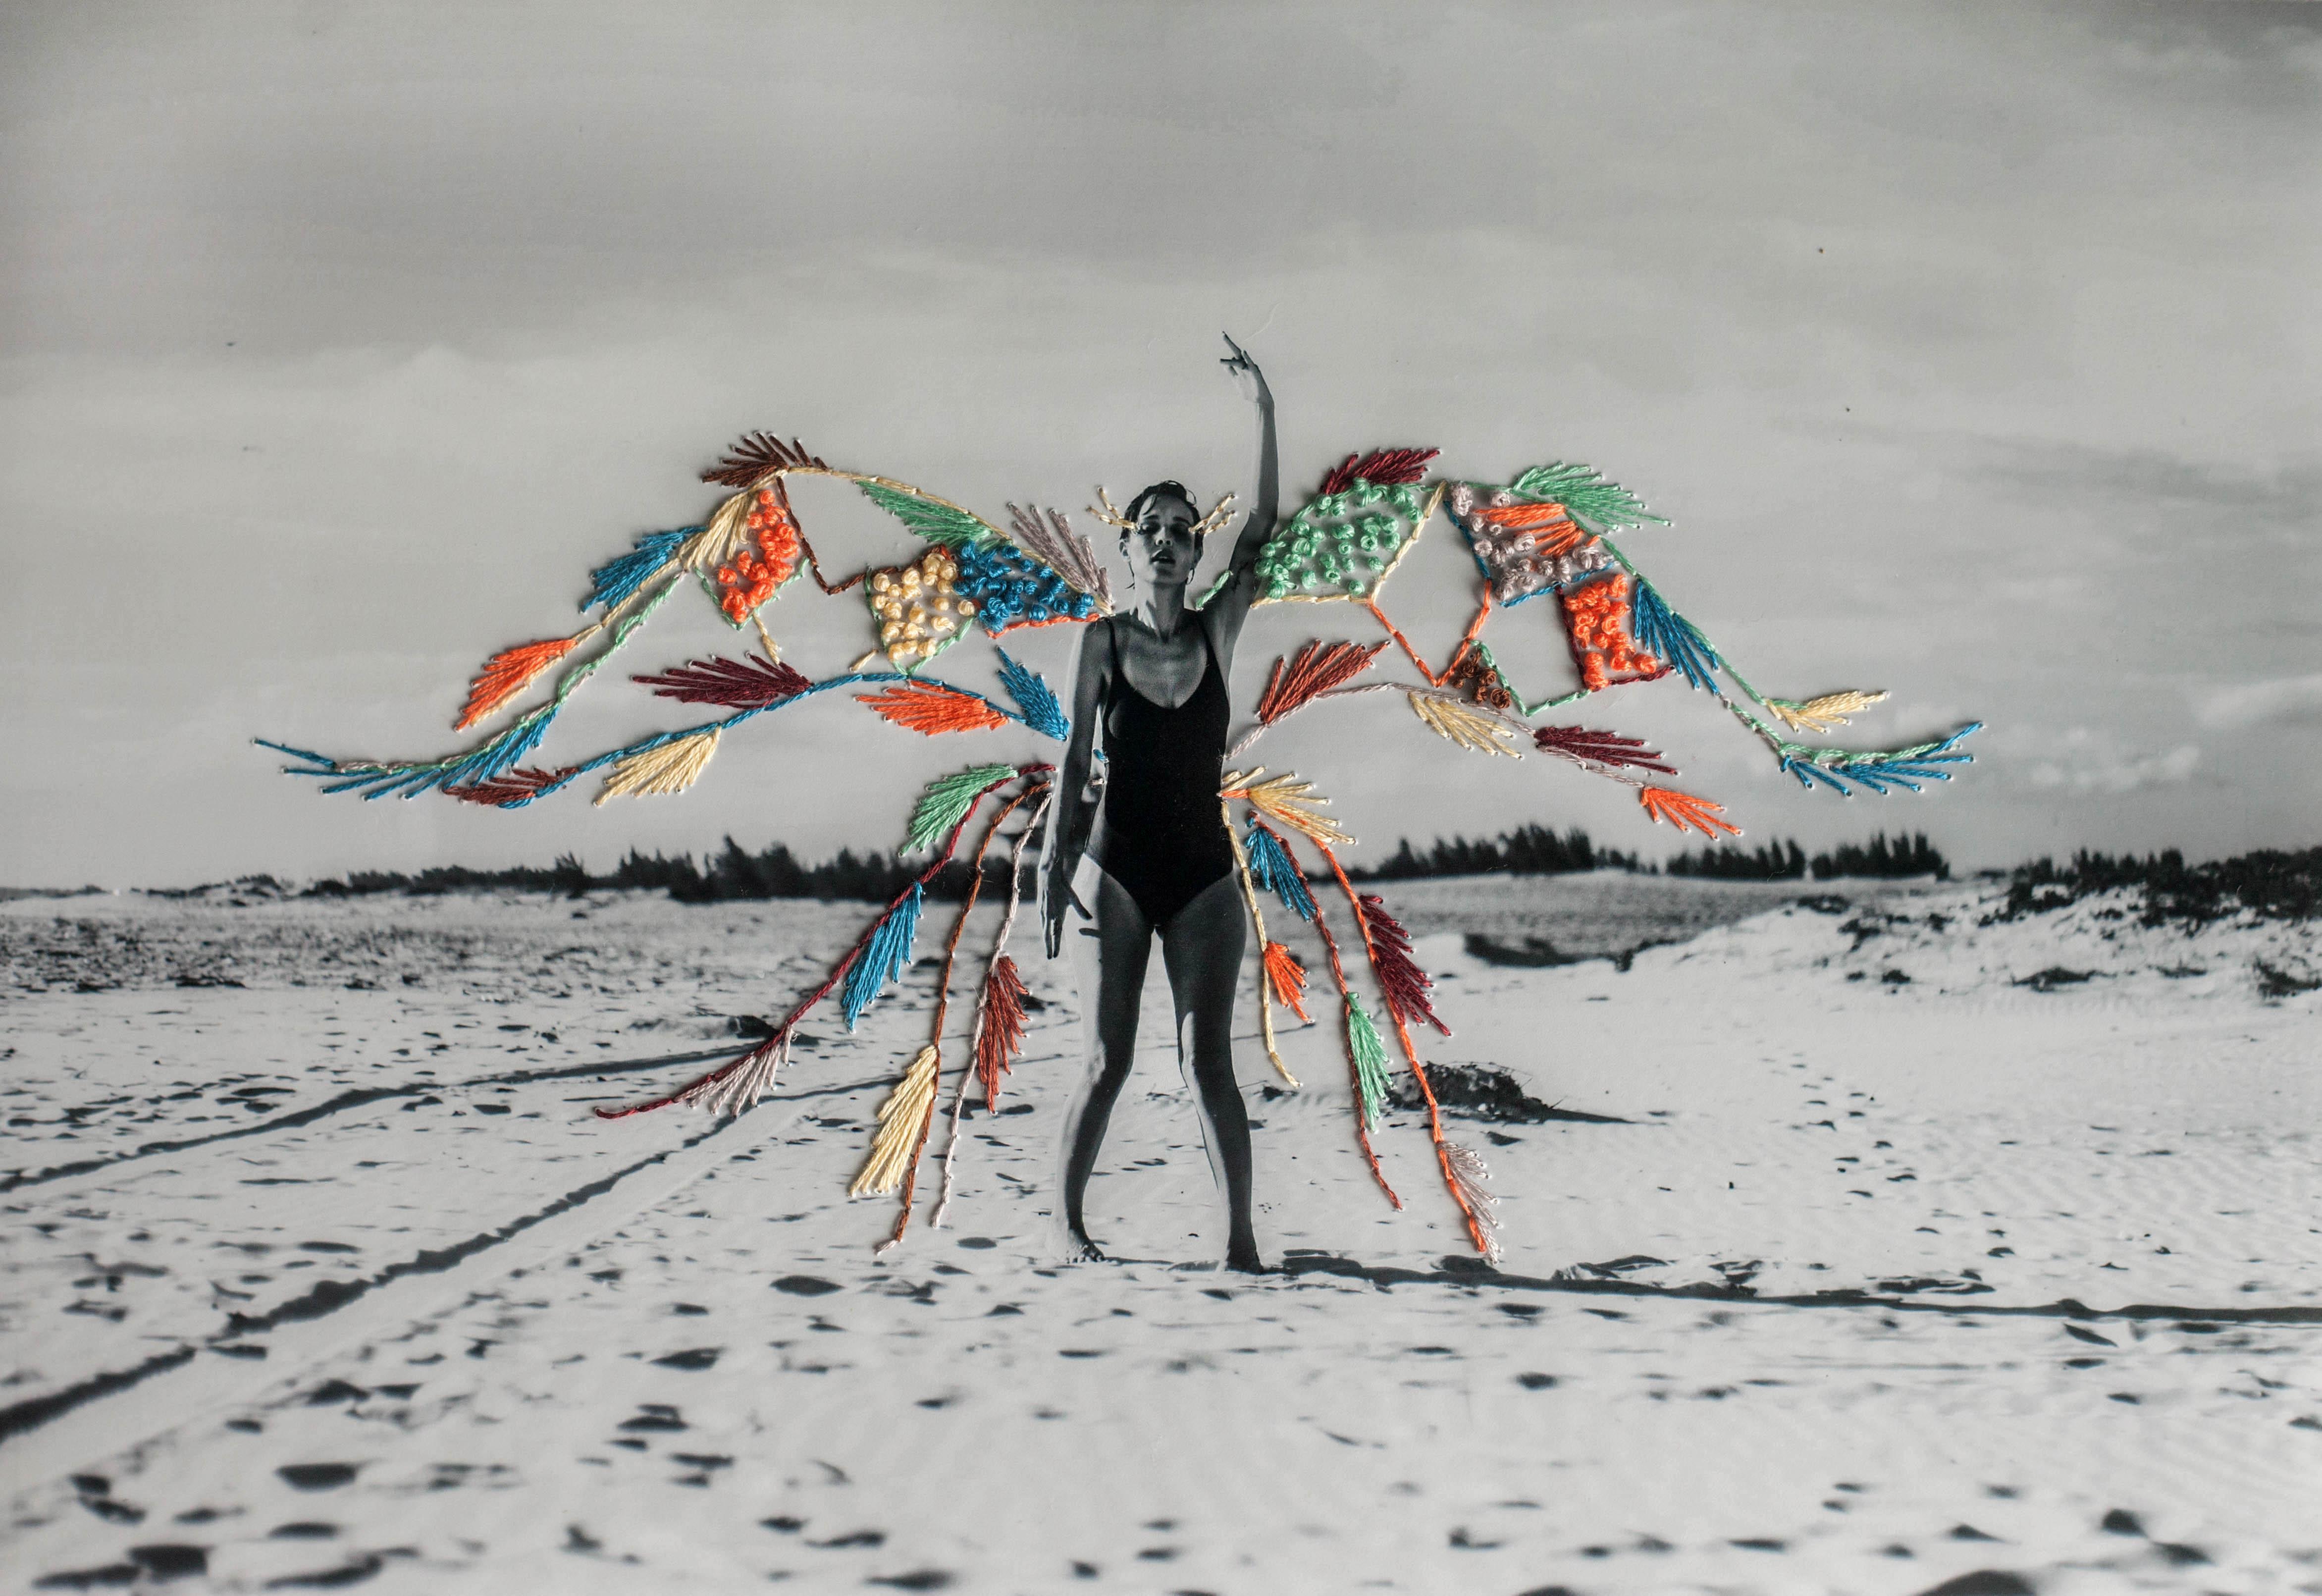 Foto e Bordado, Aline Brant 2018